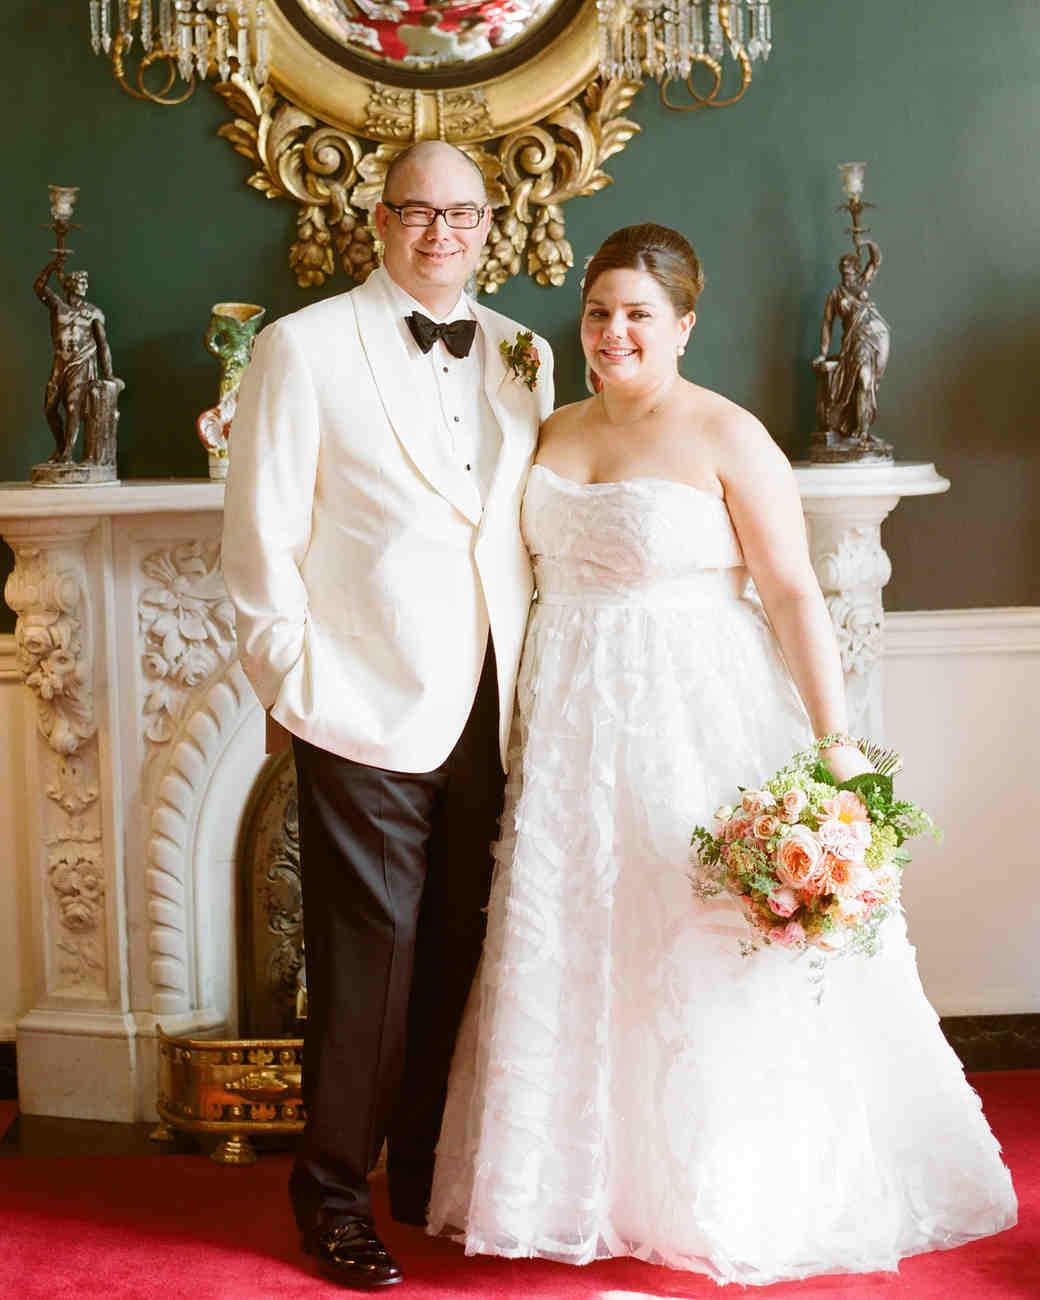 An Elegant Retro-Vintage Destination Wedding In West